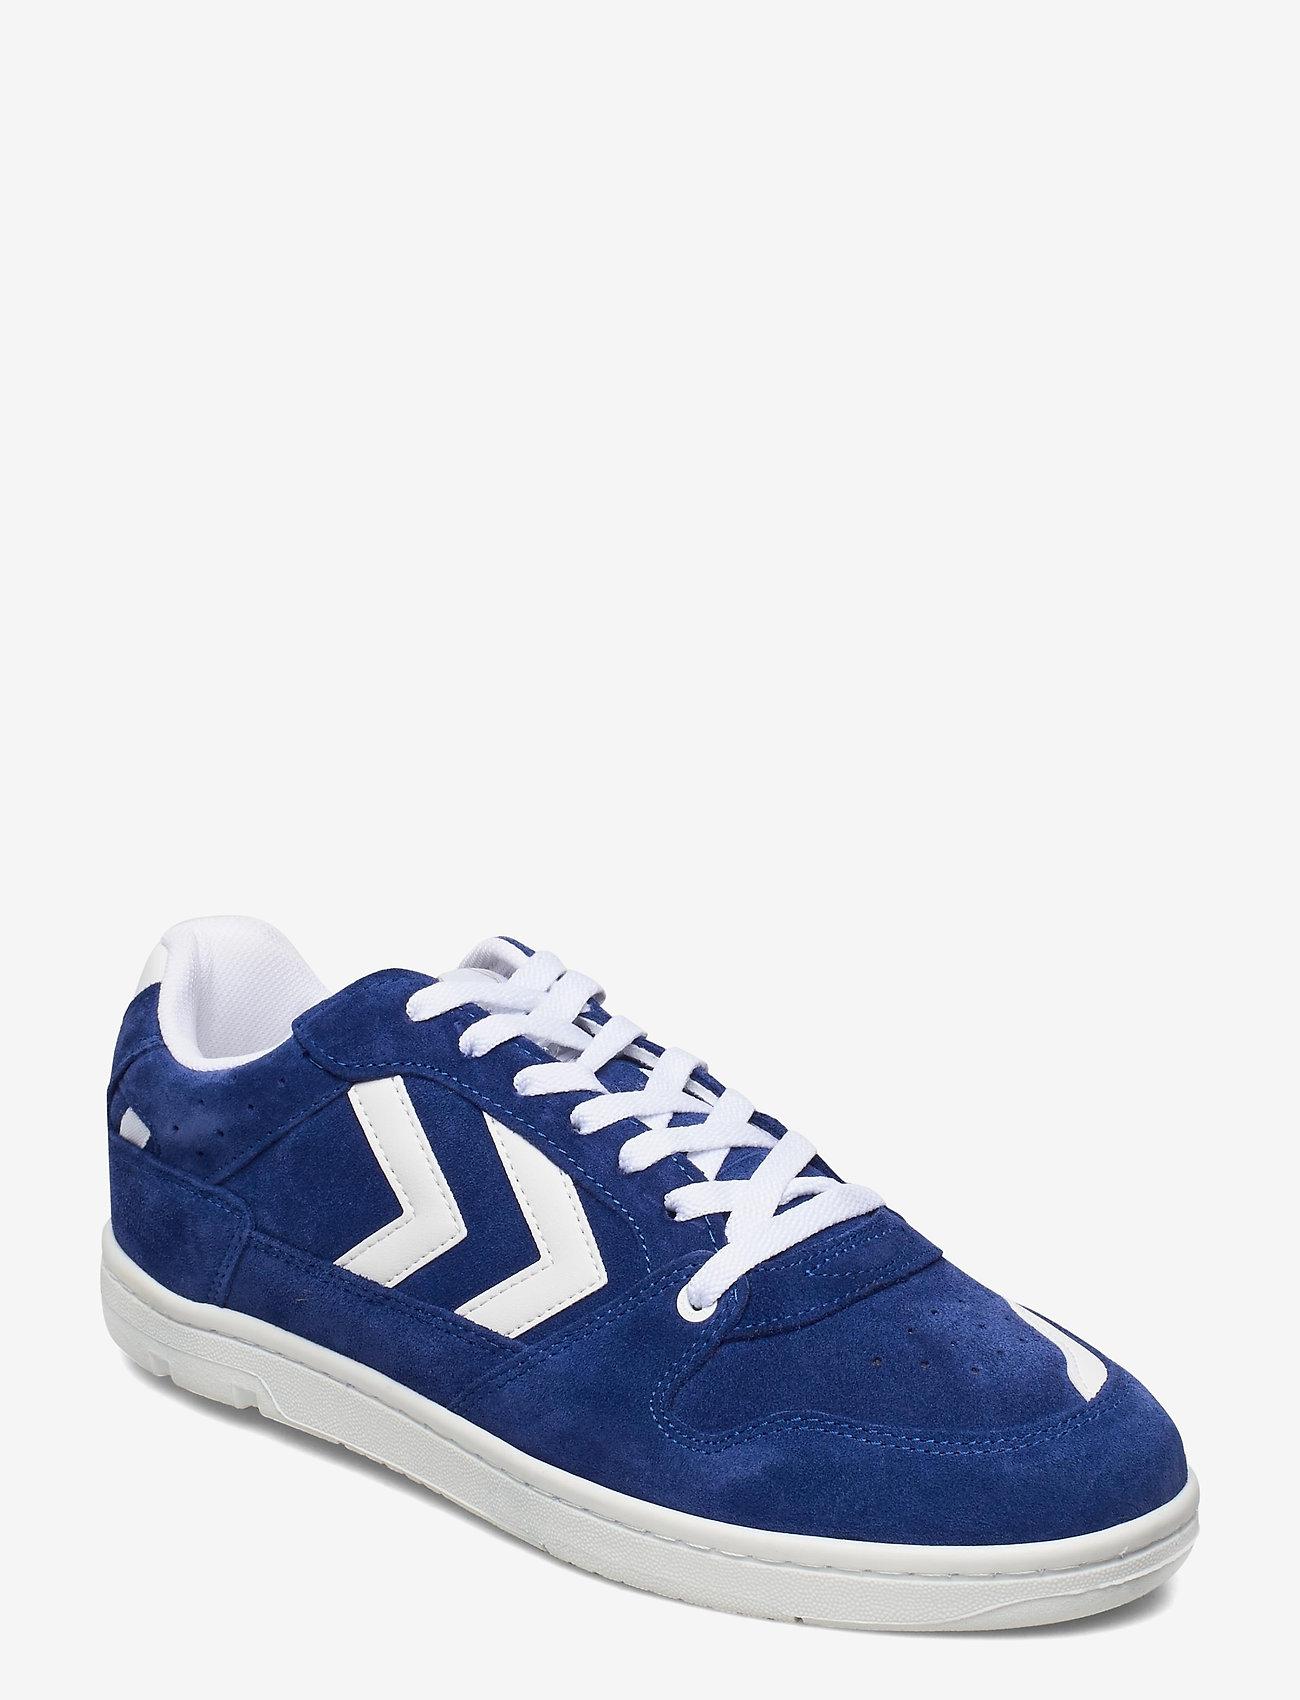 Hummel - POWER PLAY SUEDE - laag sneakers - mazarine blue - 1